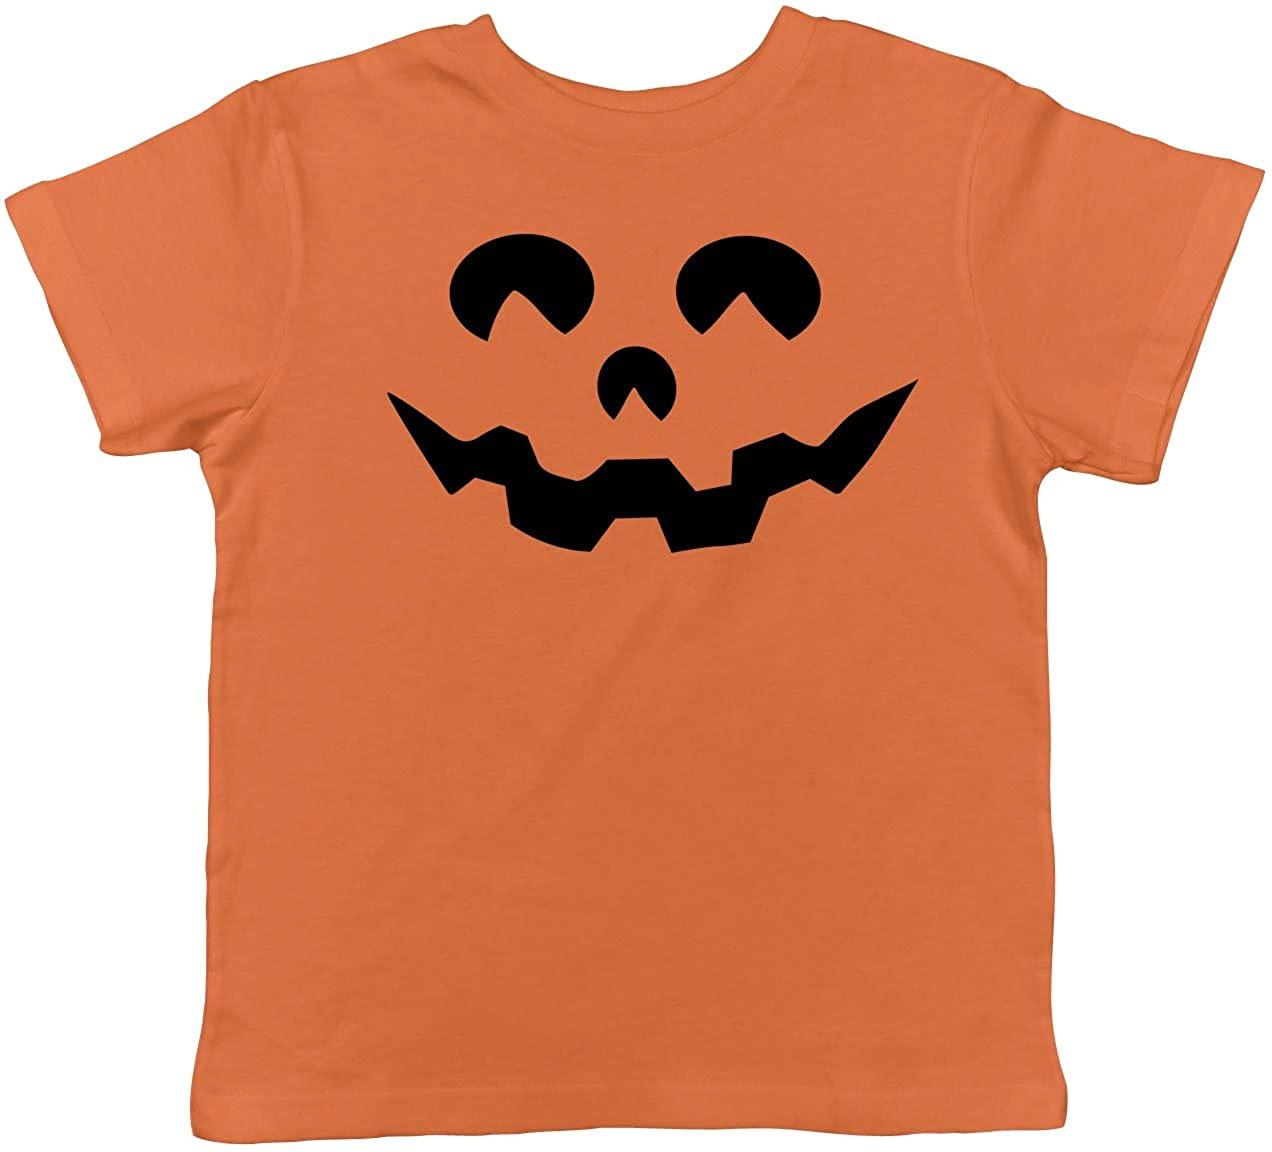 Toddler Cartoon Eyes Pumpkin Face Funny Fall Halloween Spooky T Shirt